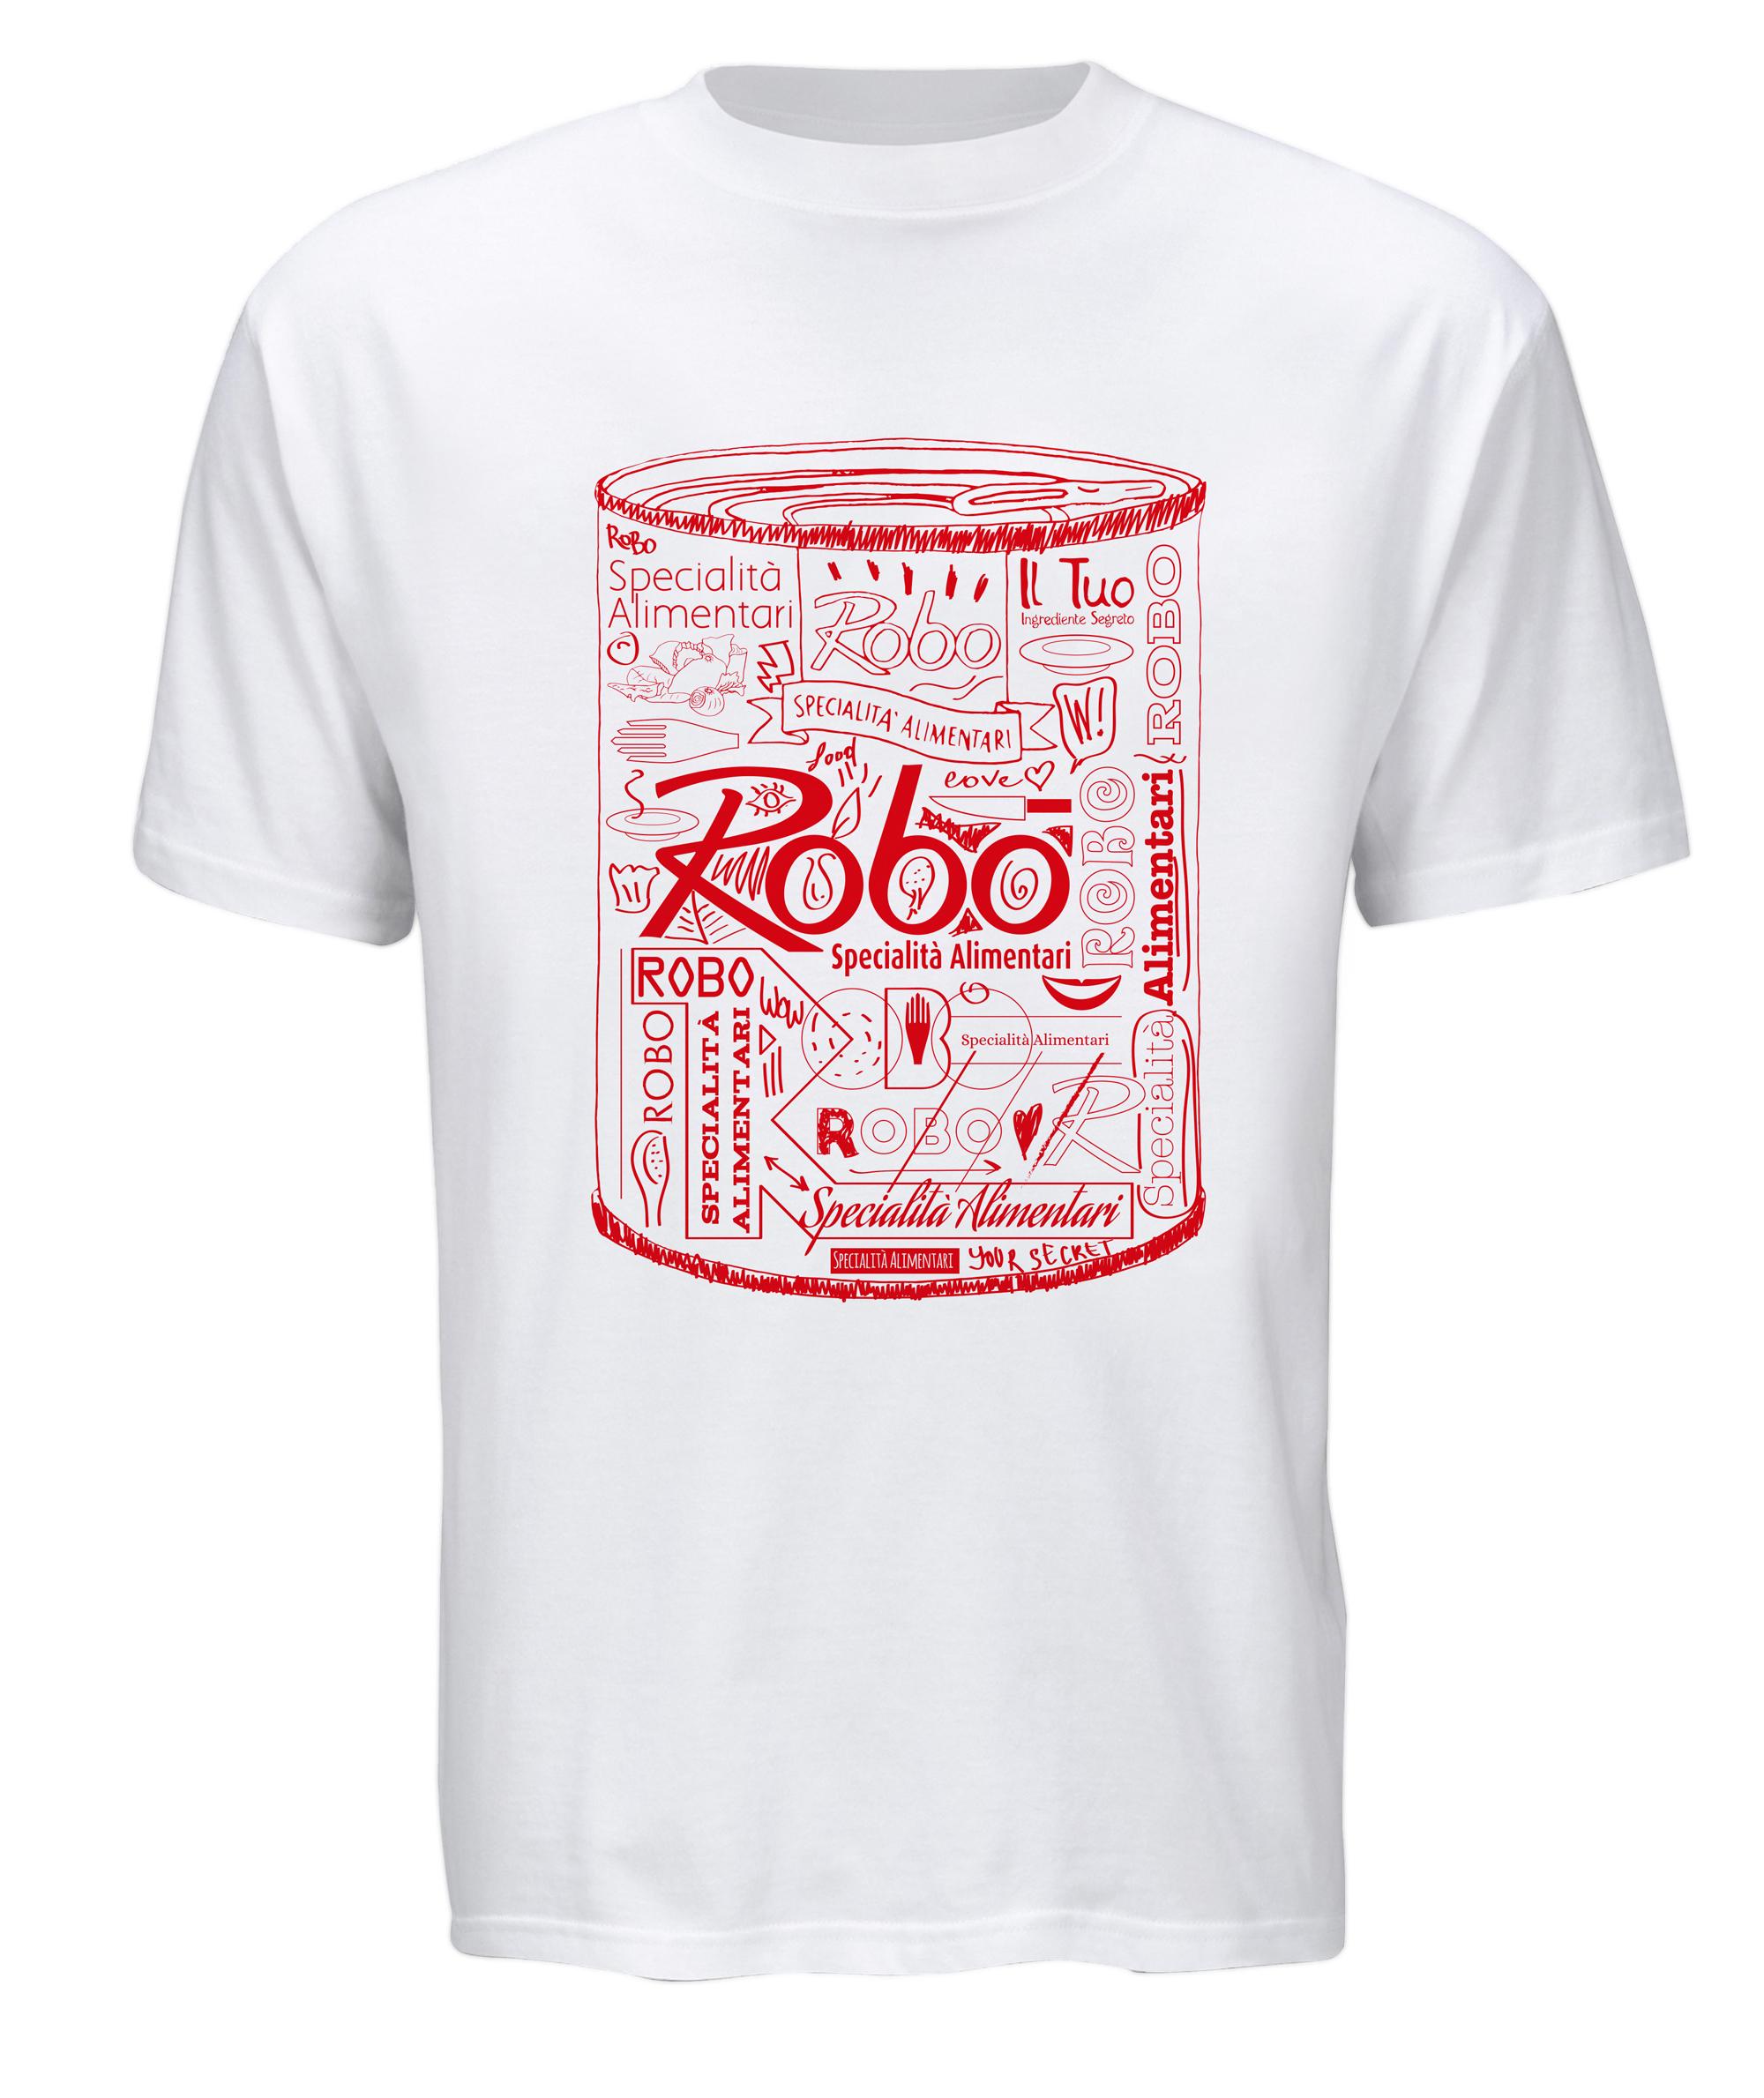 Robo Tee